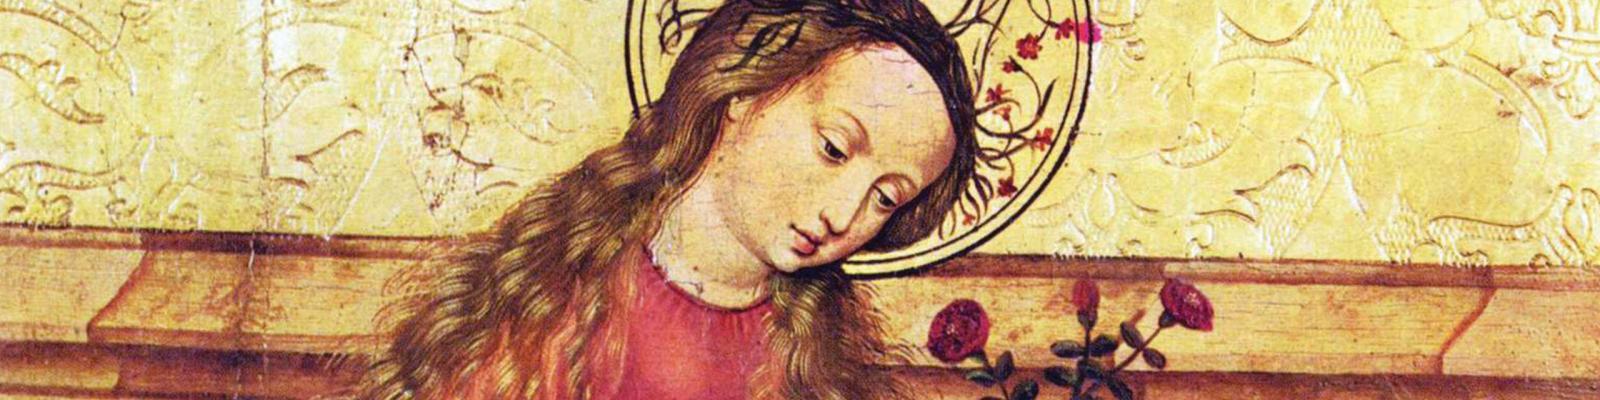 Madonna in a Garden